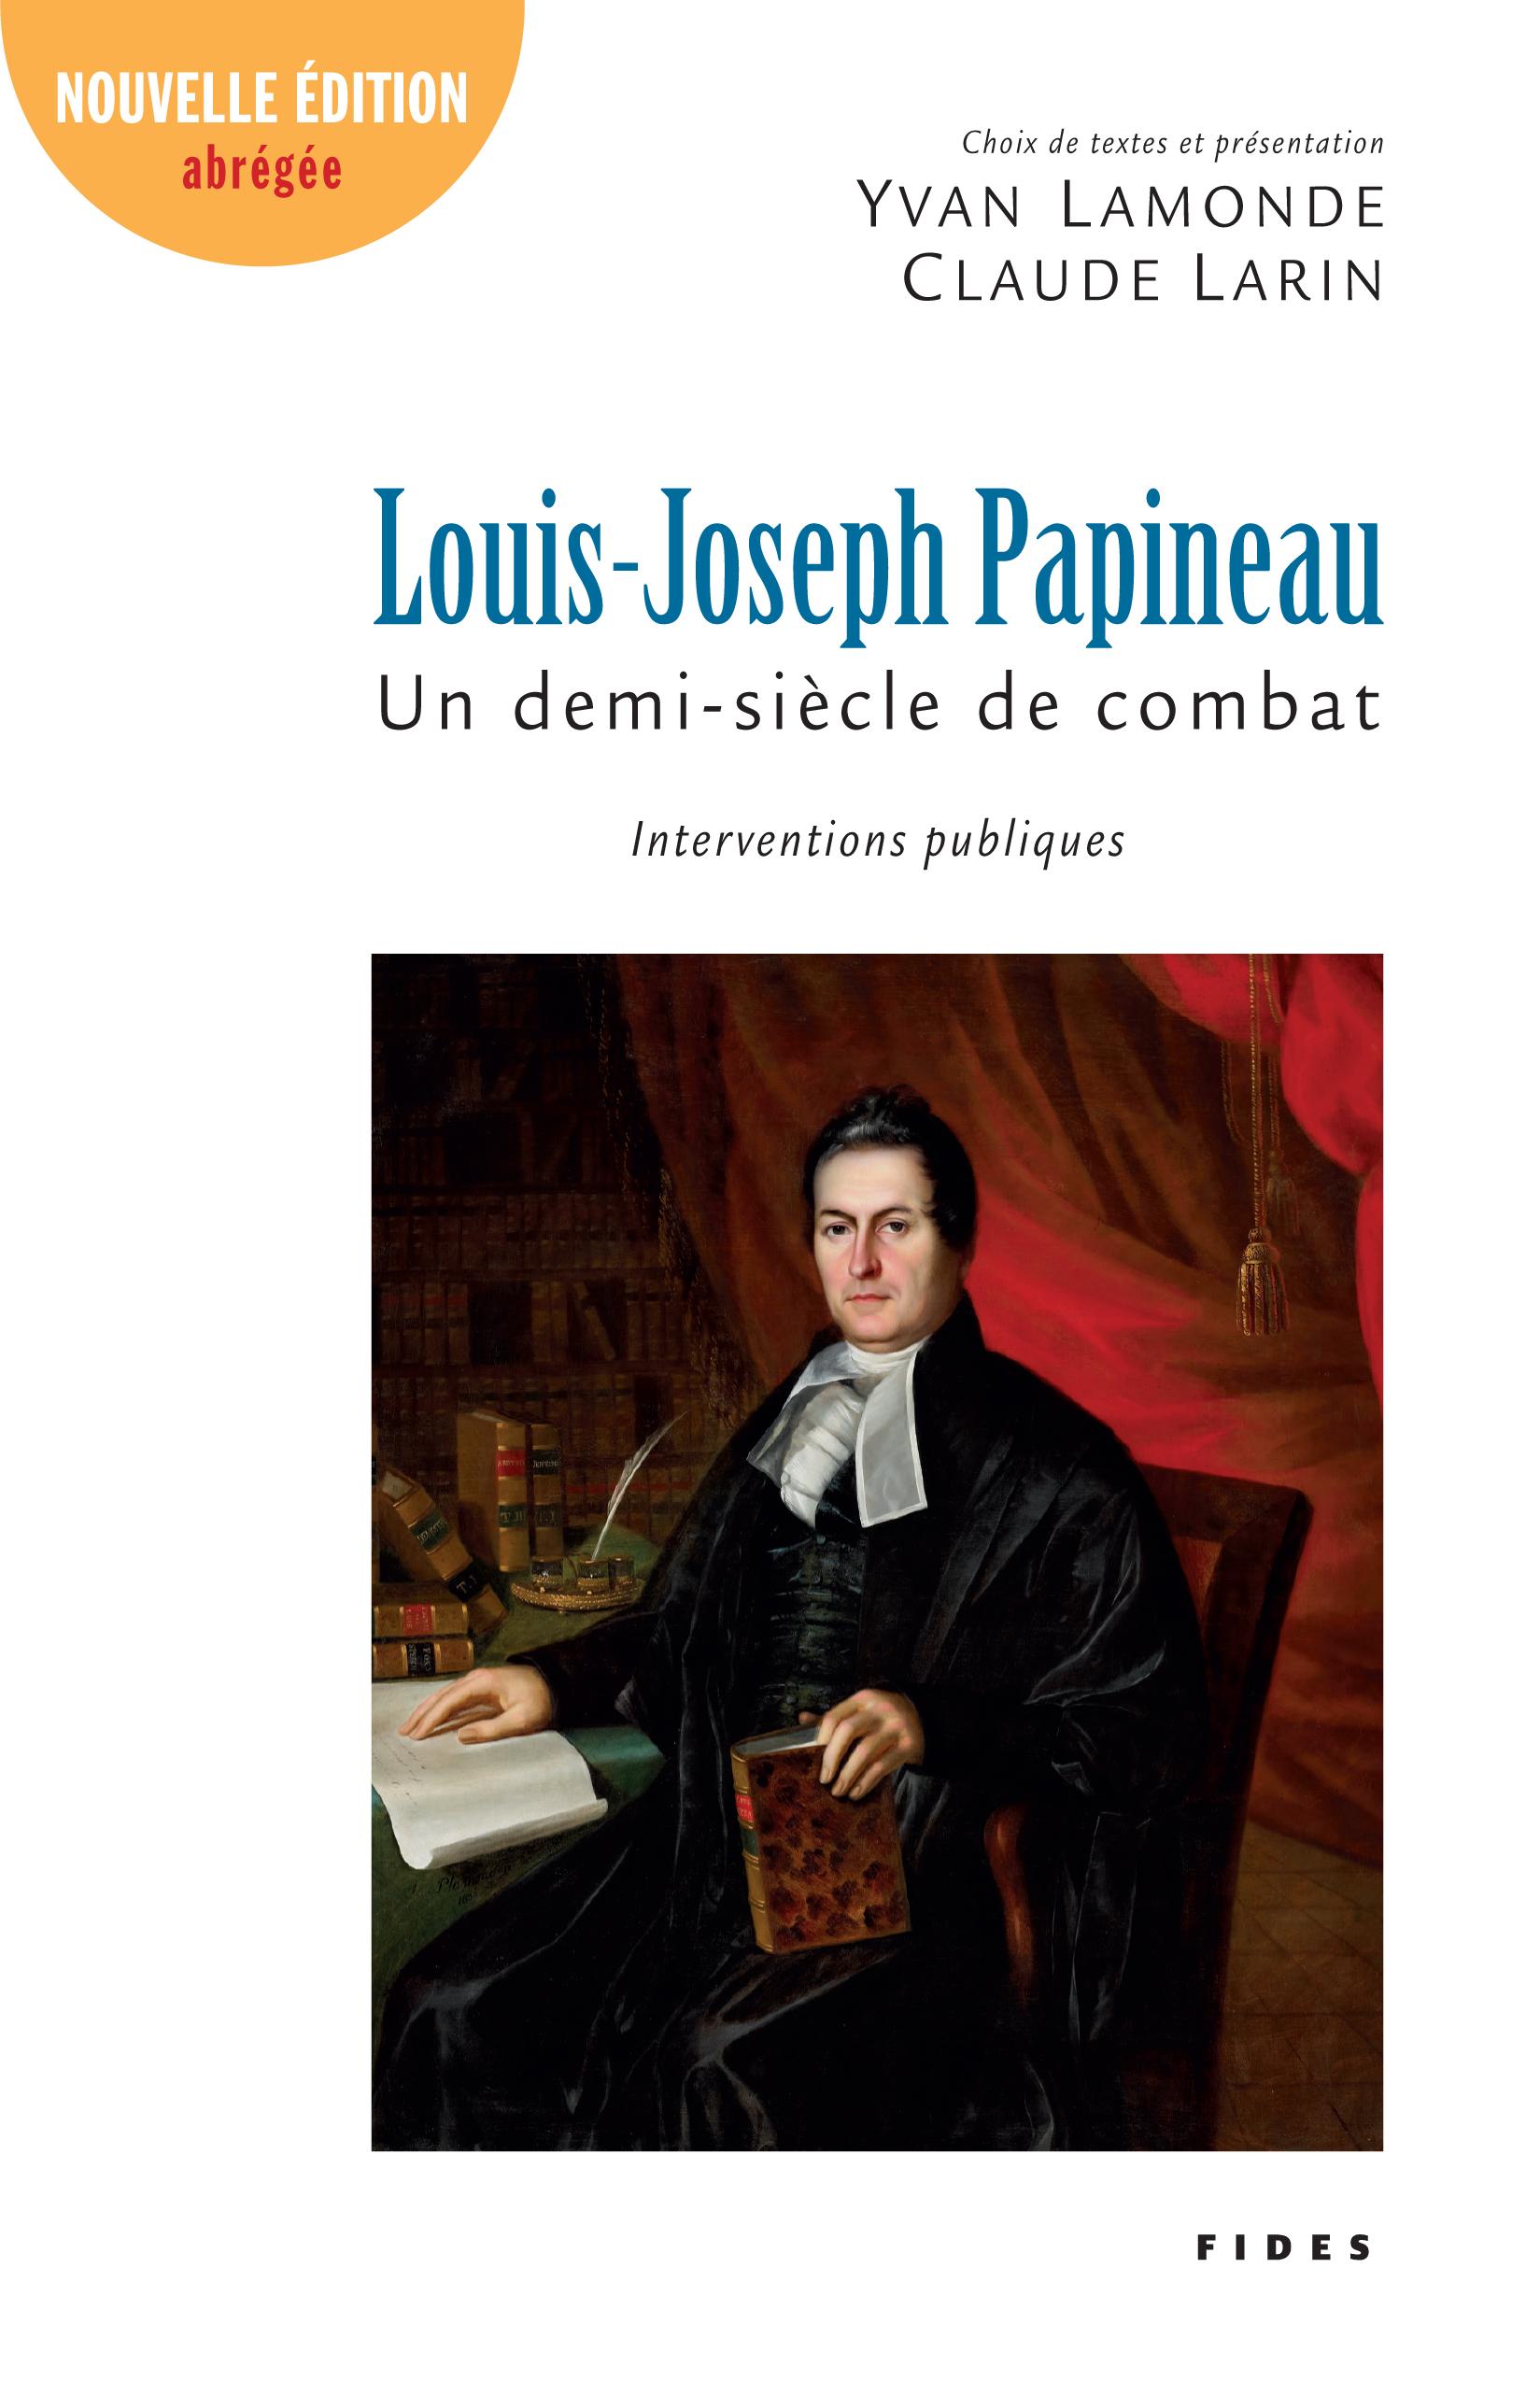 Louis-Joseph Papineau, un demi-siècle de combat